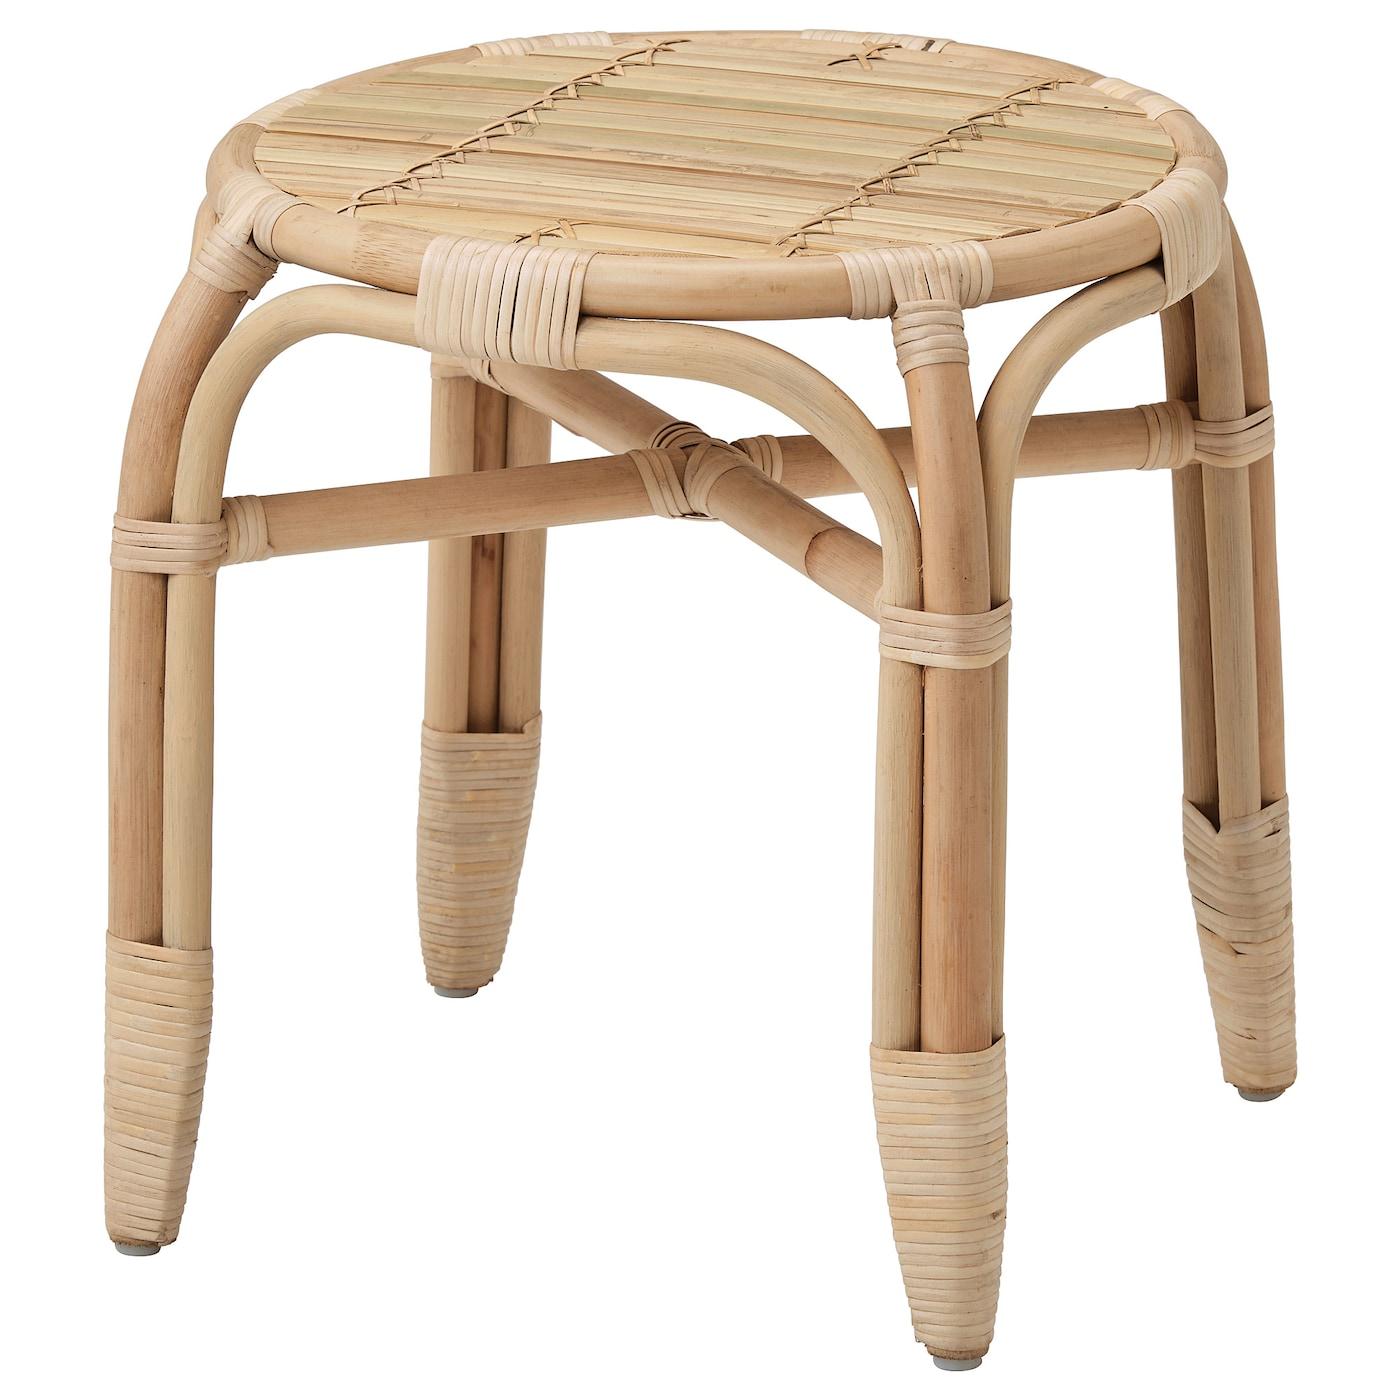 Full Size of Rattan Beistelltisch Ikea Polyrattan Sofa Modulküche Garten Küche Kaufen Mit Schlaffunktion Betten Bei 160x200 Kosten Bett Miniküche Rattanmöbel Wohnzimmer Rattan Beistelltisch Ikea